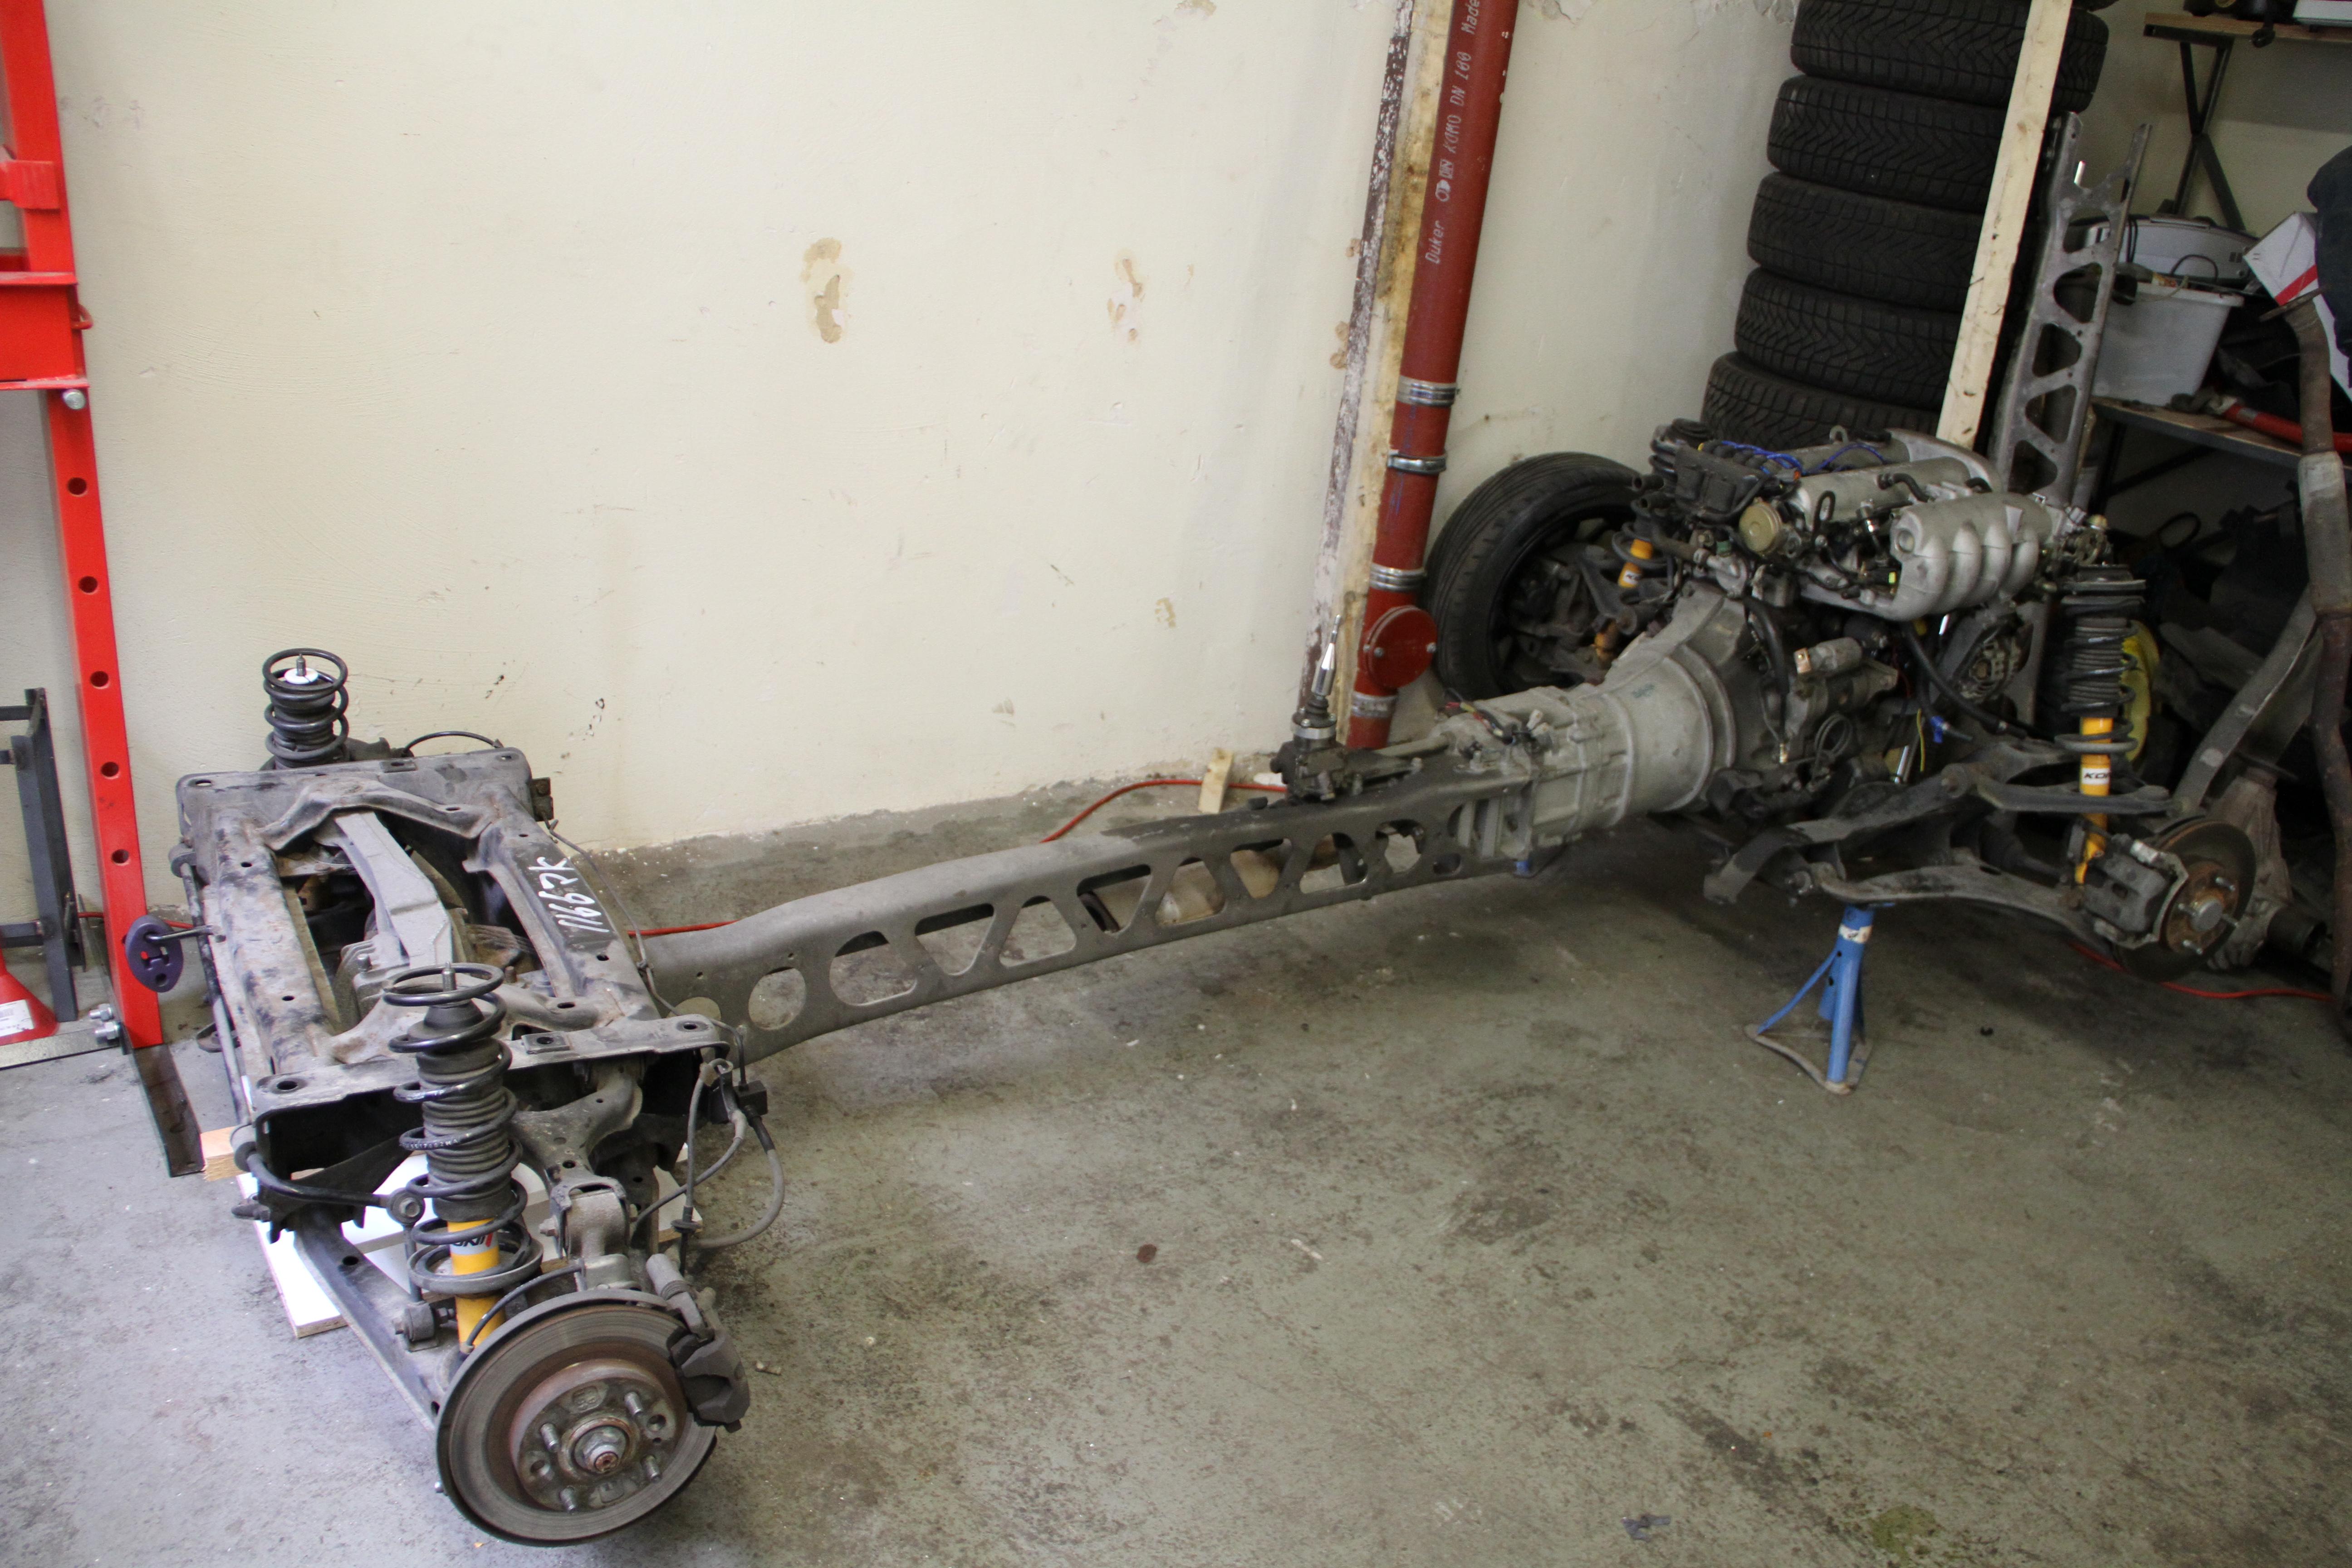 Fahrwerkskomponente + Motor ausgebaut